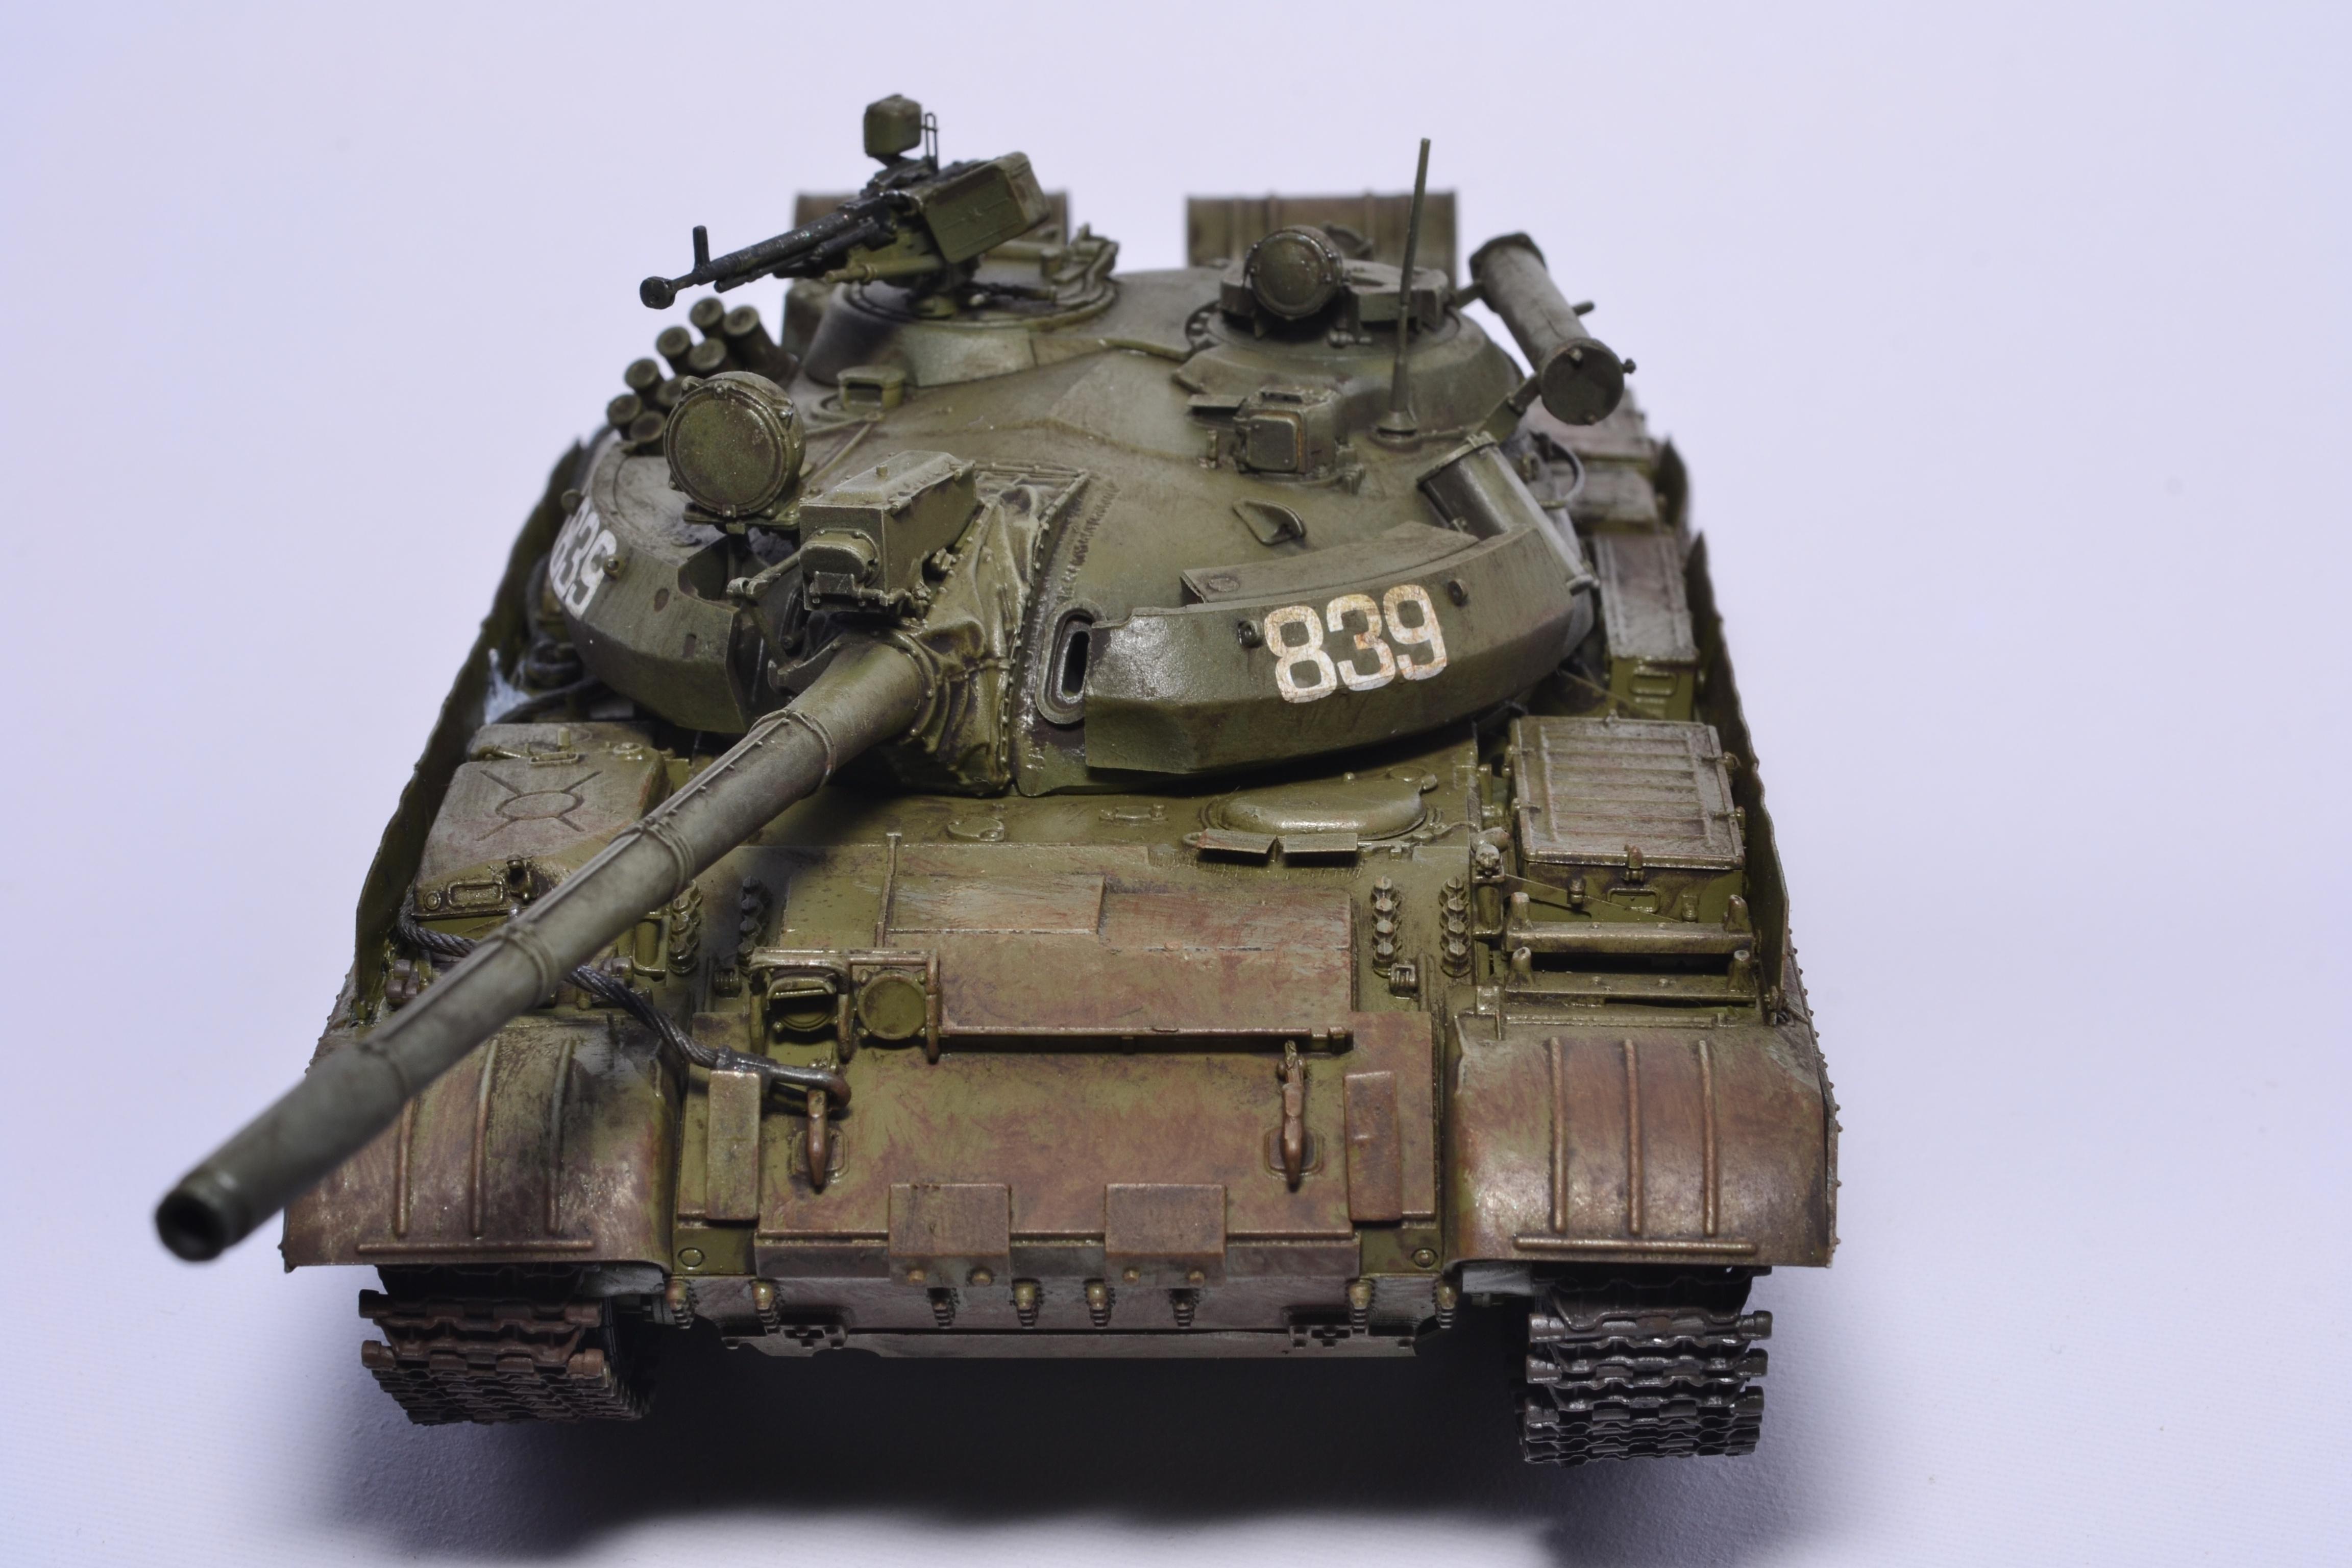 4608x3072,坦克,玩具,T-55,俄,陆军,